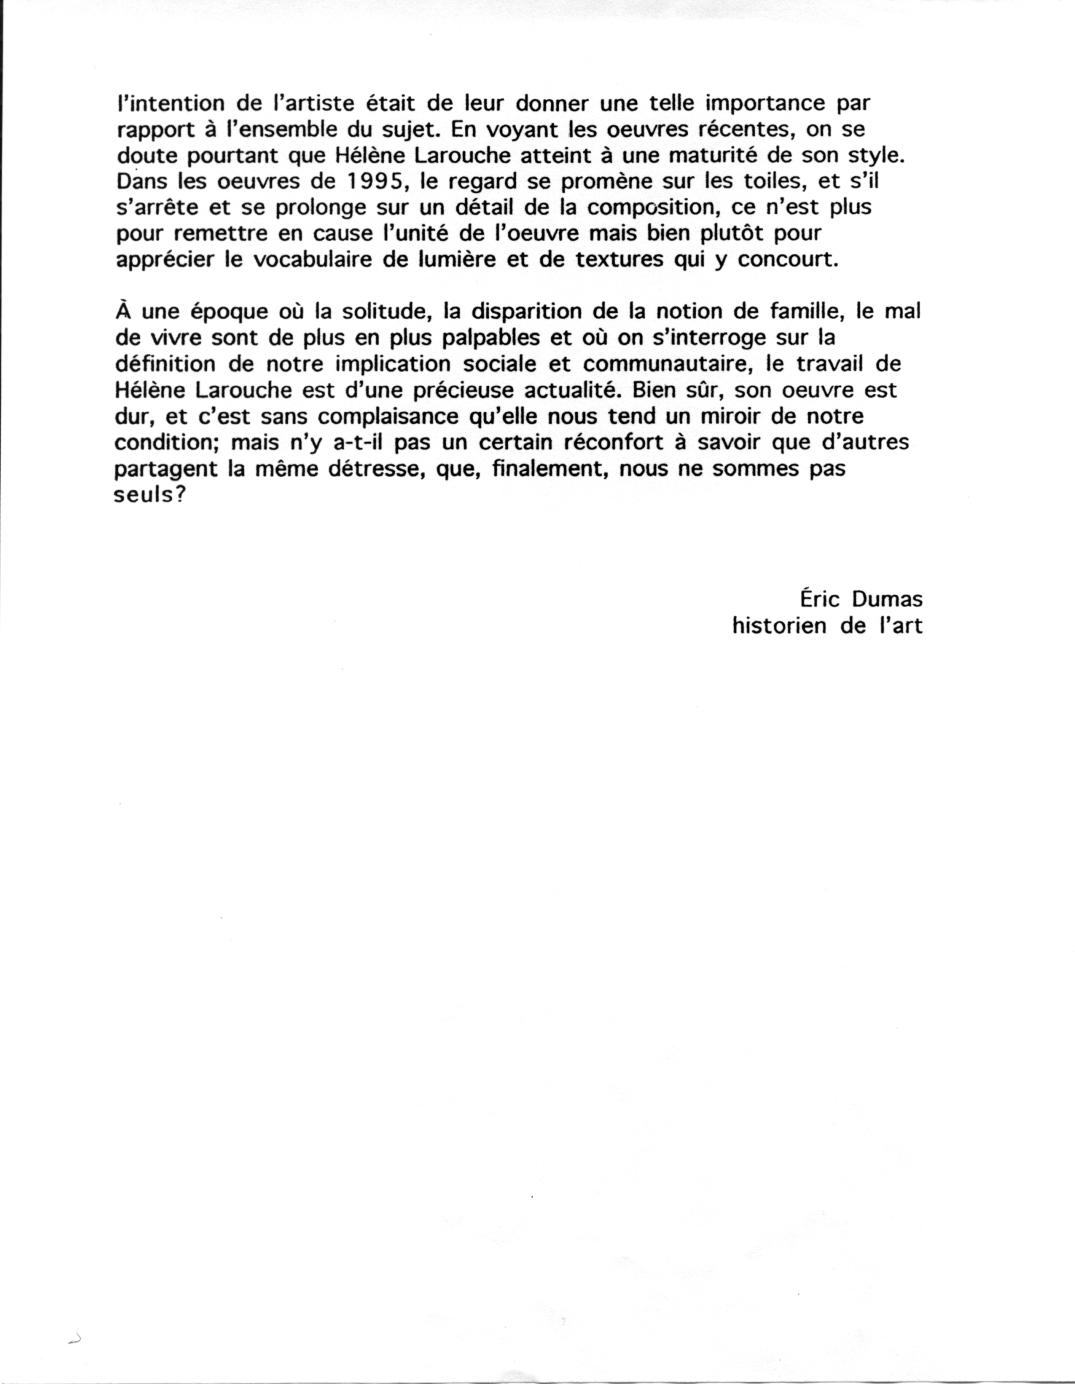 5-95_04-texte-dumas-2-copie